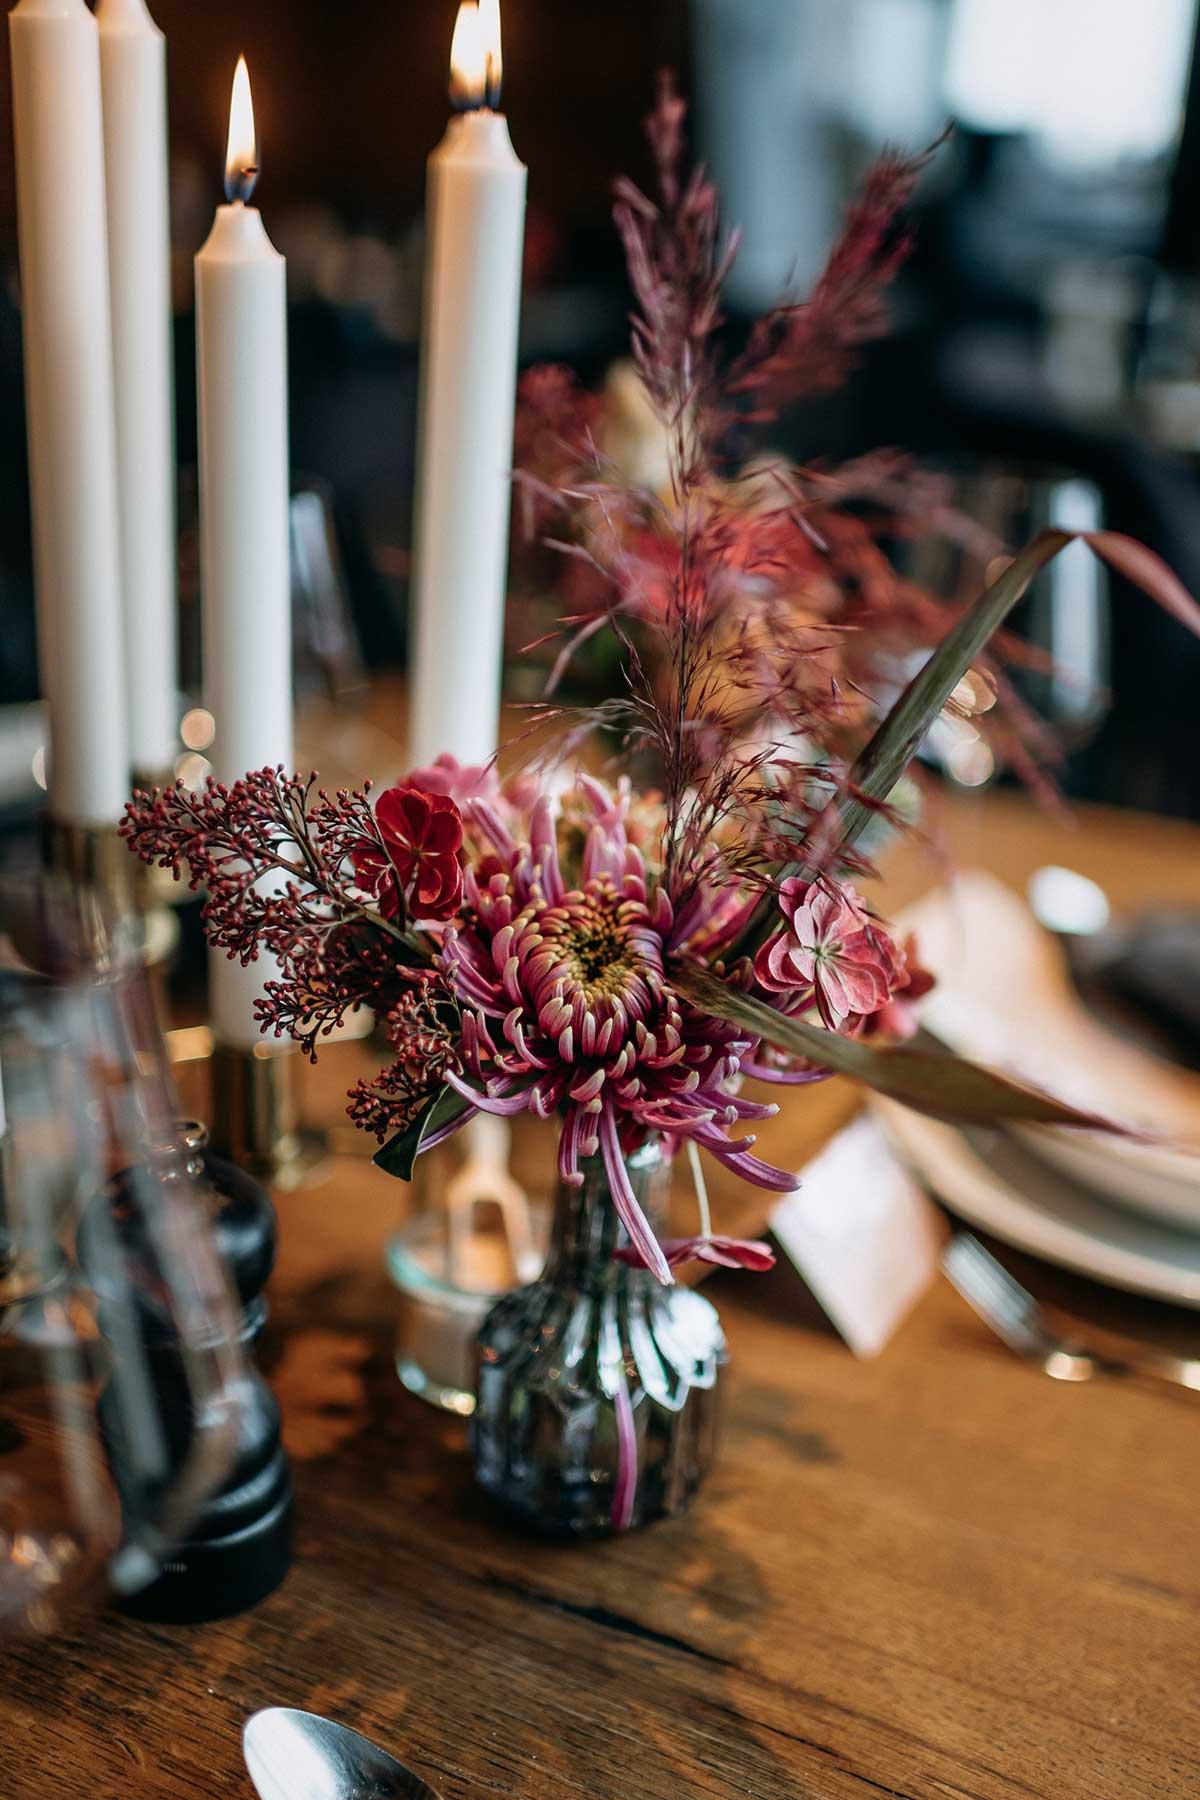 Tischdeko mit pinken und Suchergebnisse Webergebnisse Bordeauxrot farbenen Blumen